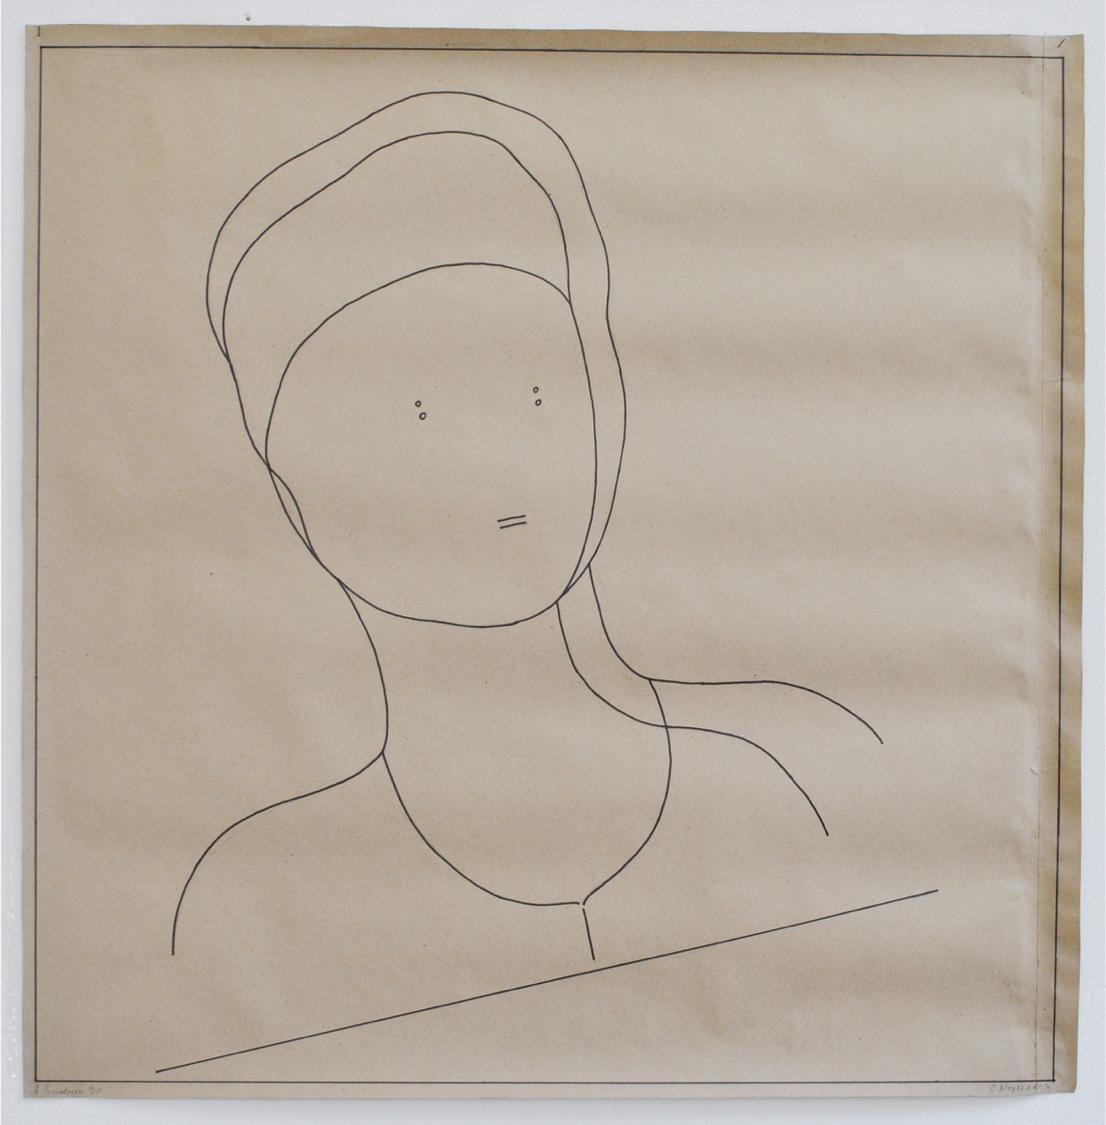 Ilias Papailiakis, Narcissus, Ink on paper, 100x100 cm, 2020